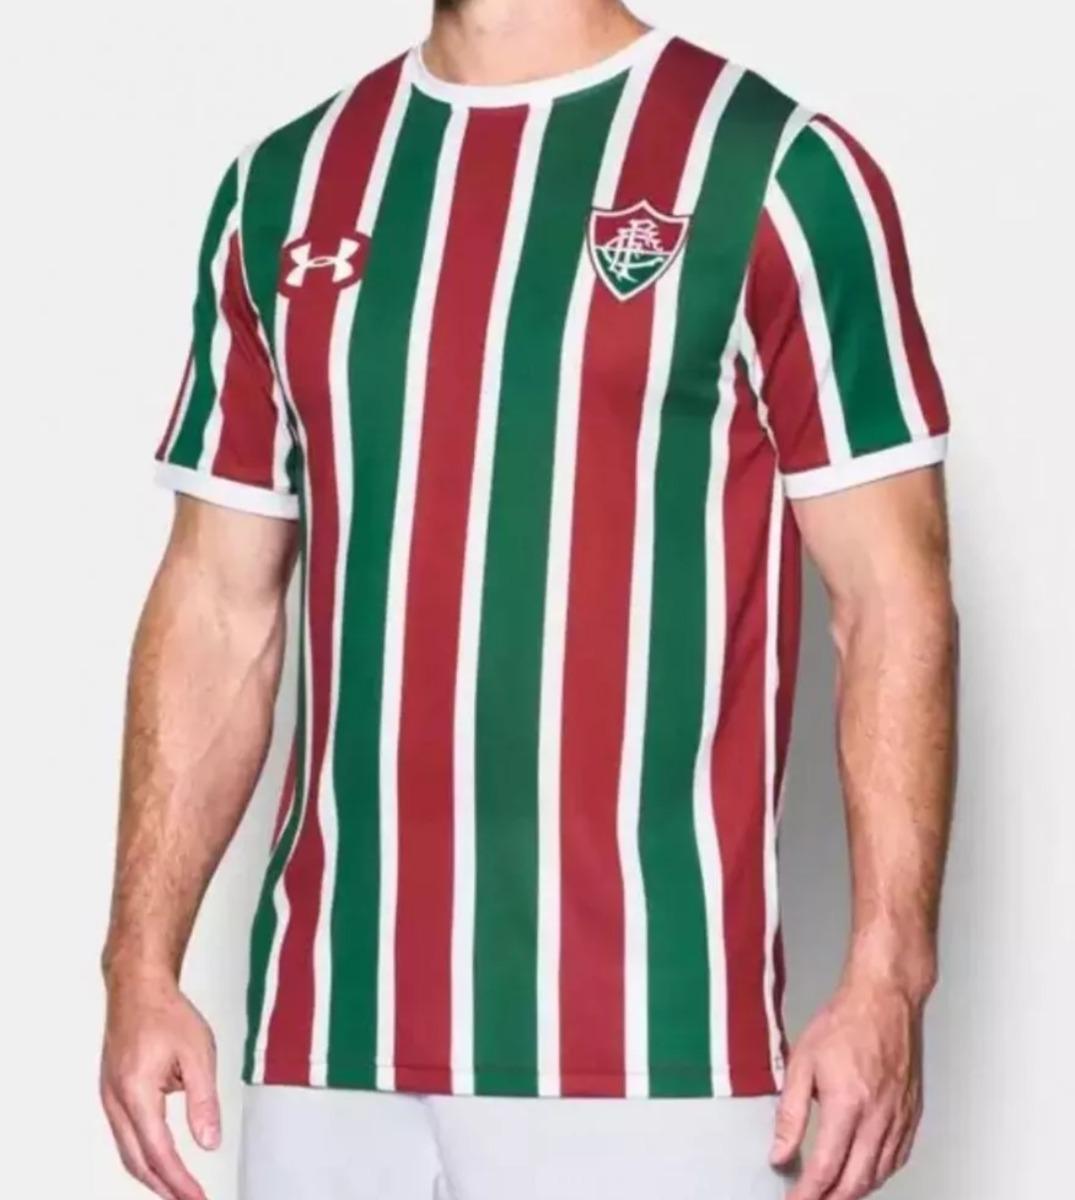 195d8243e9e camisa do fluminense original em promoção. Carregando zoom.